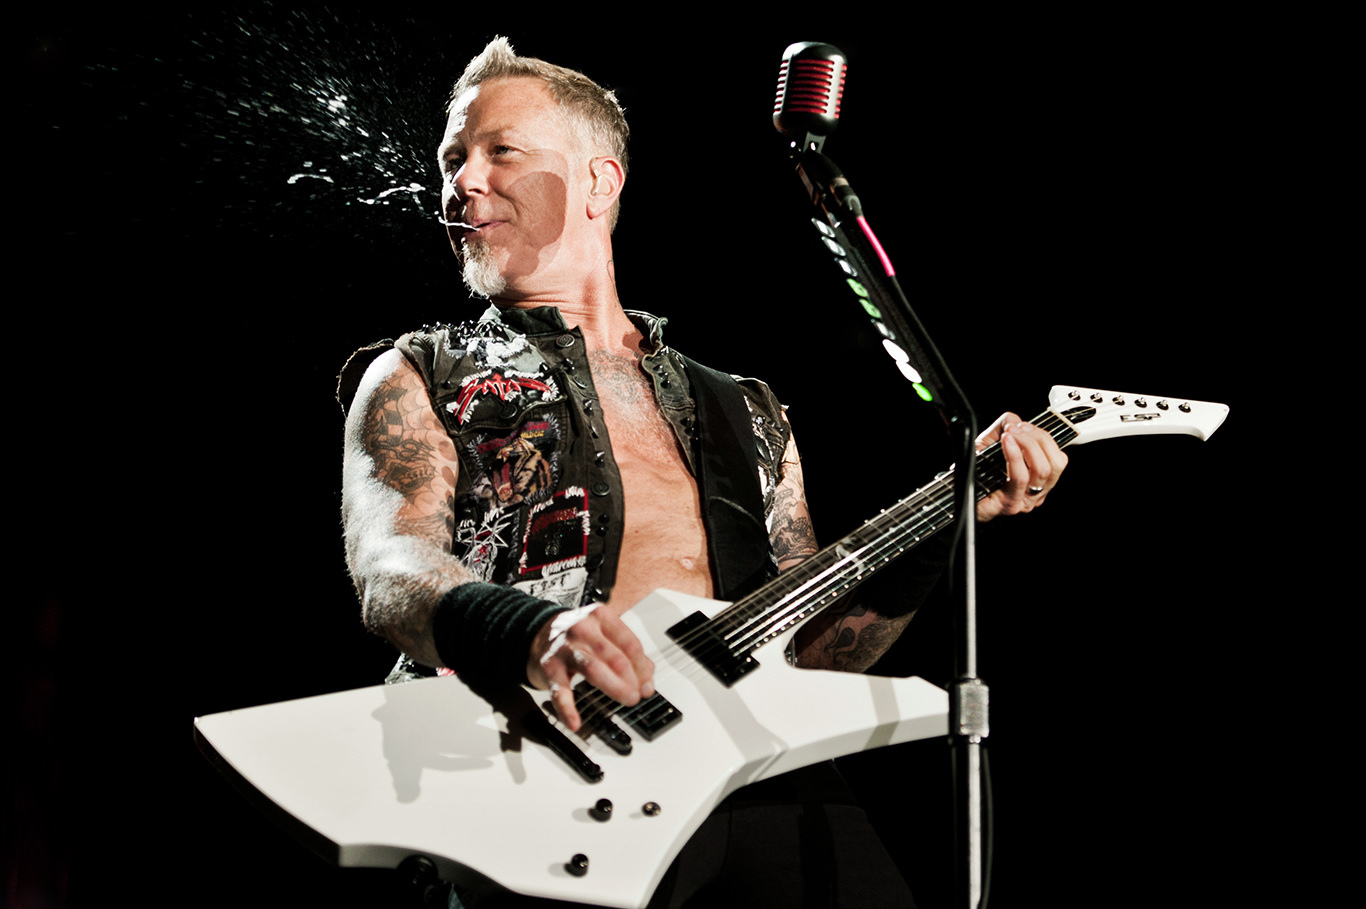 James Hetfield of Metallica Dana Distortion